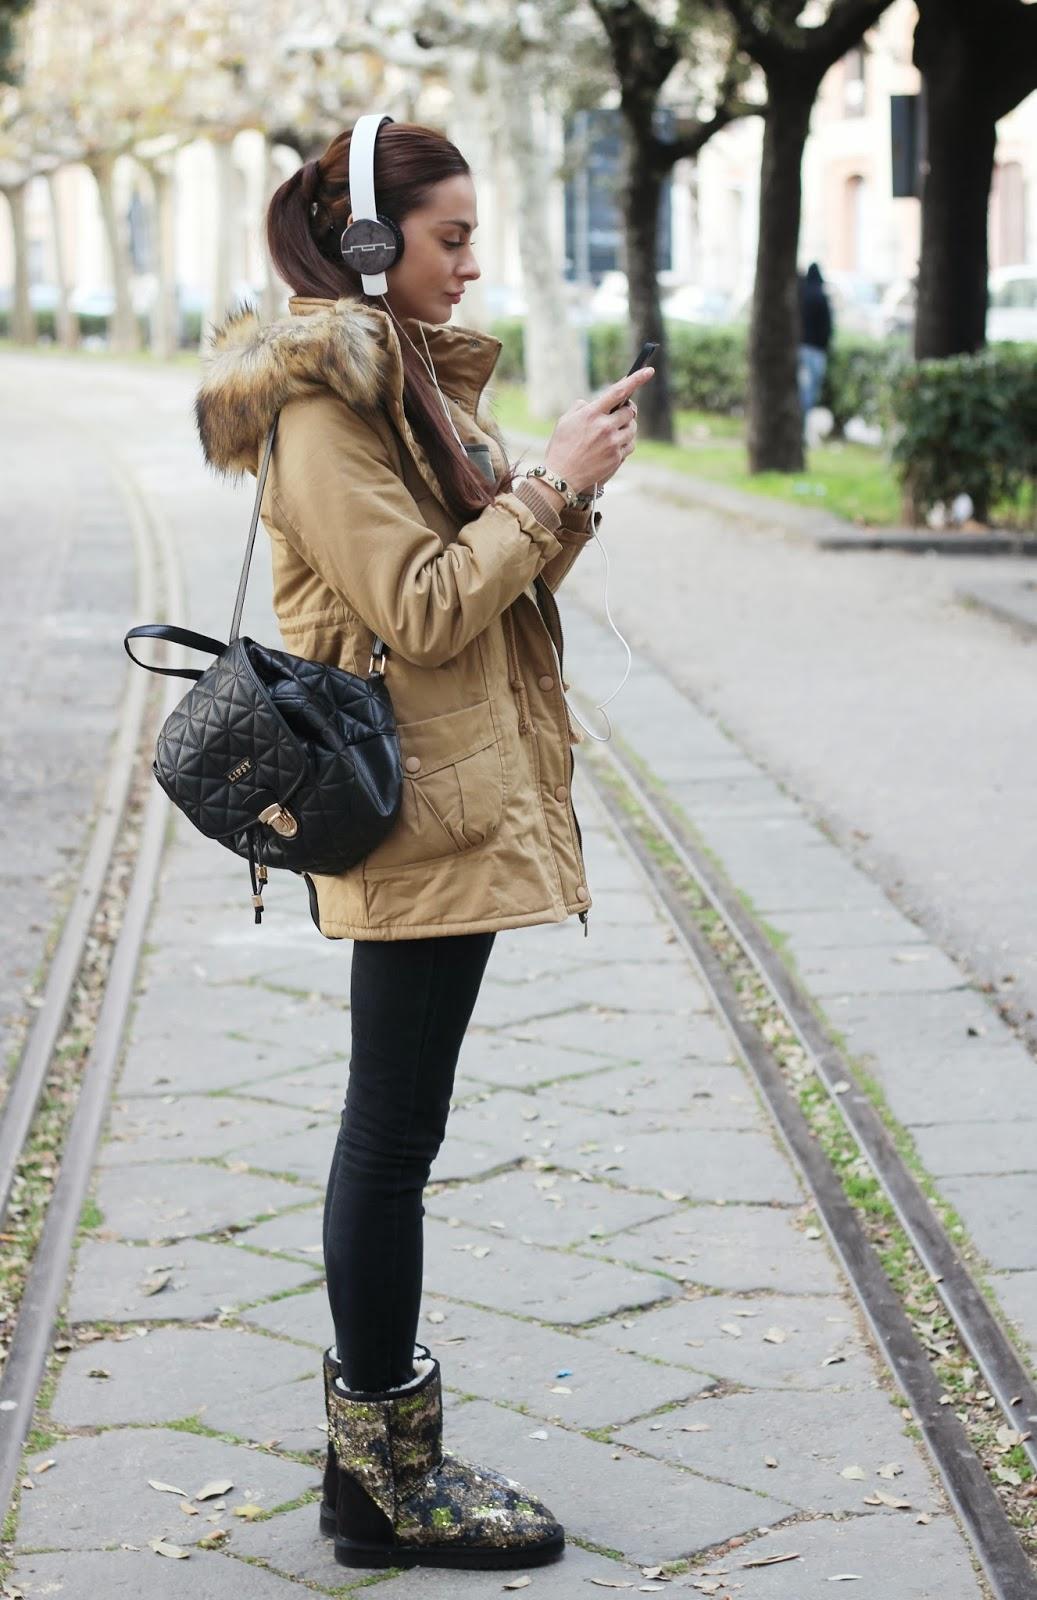 Famoso Look casual ed invernali? Ecco 15 idee outfit! - Marie Zamboli  PQ64